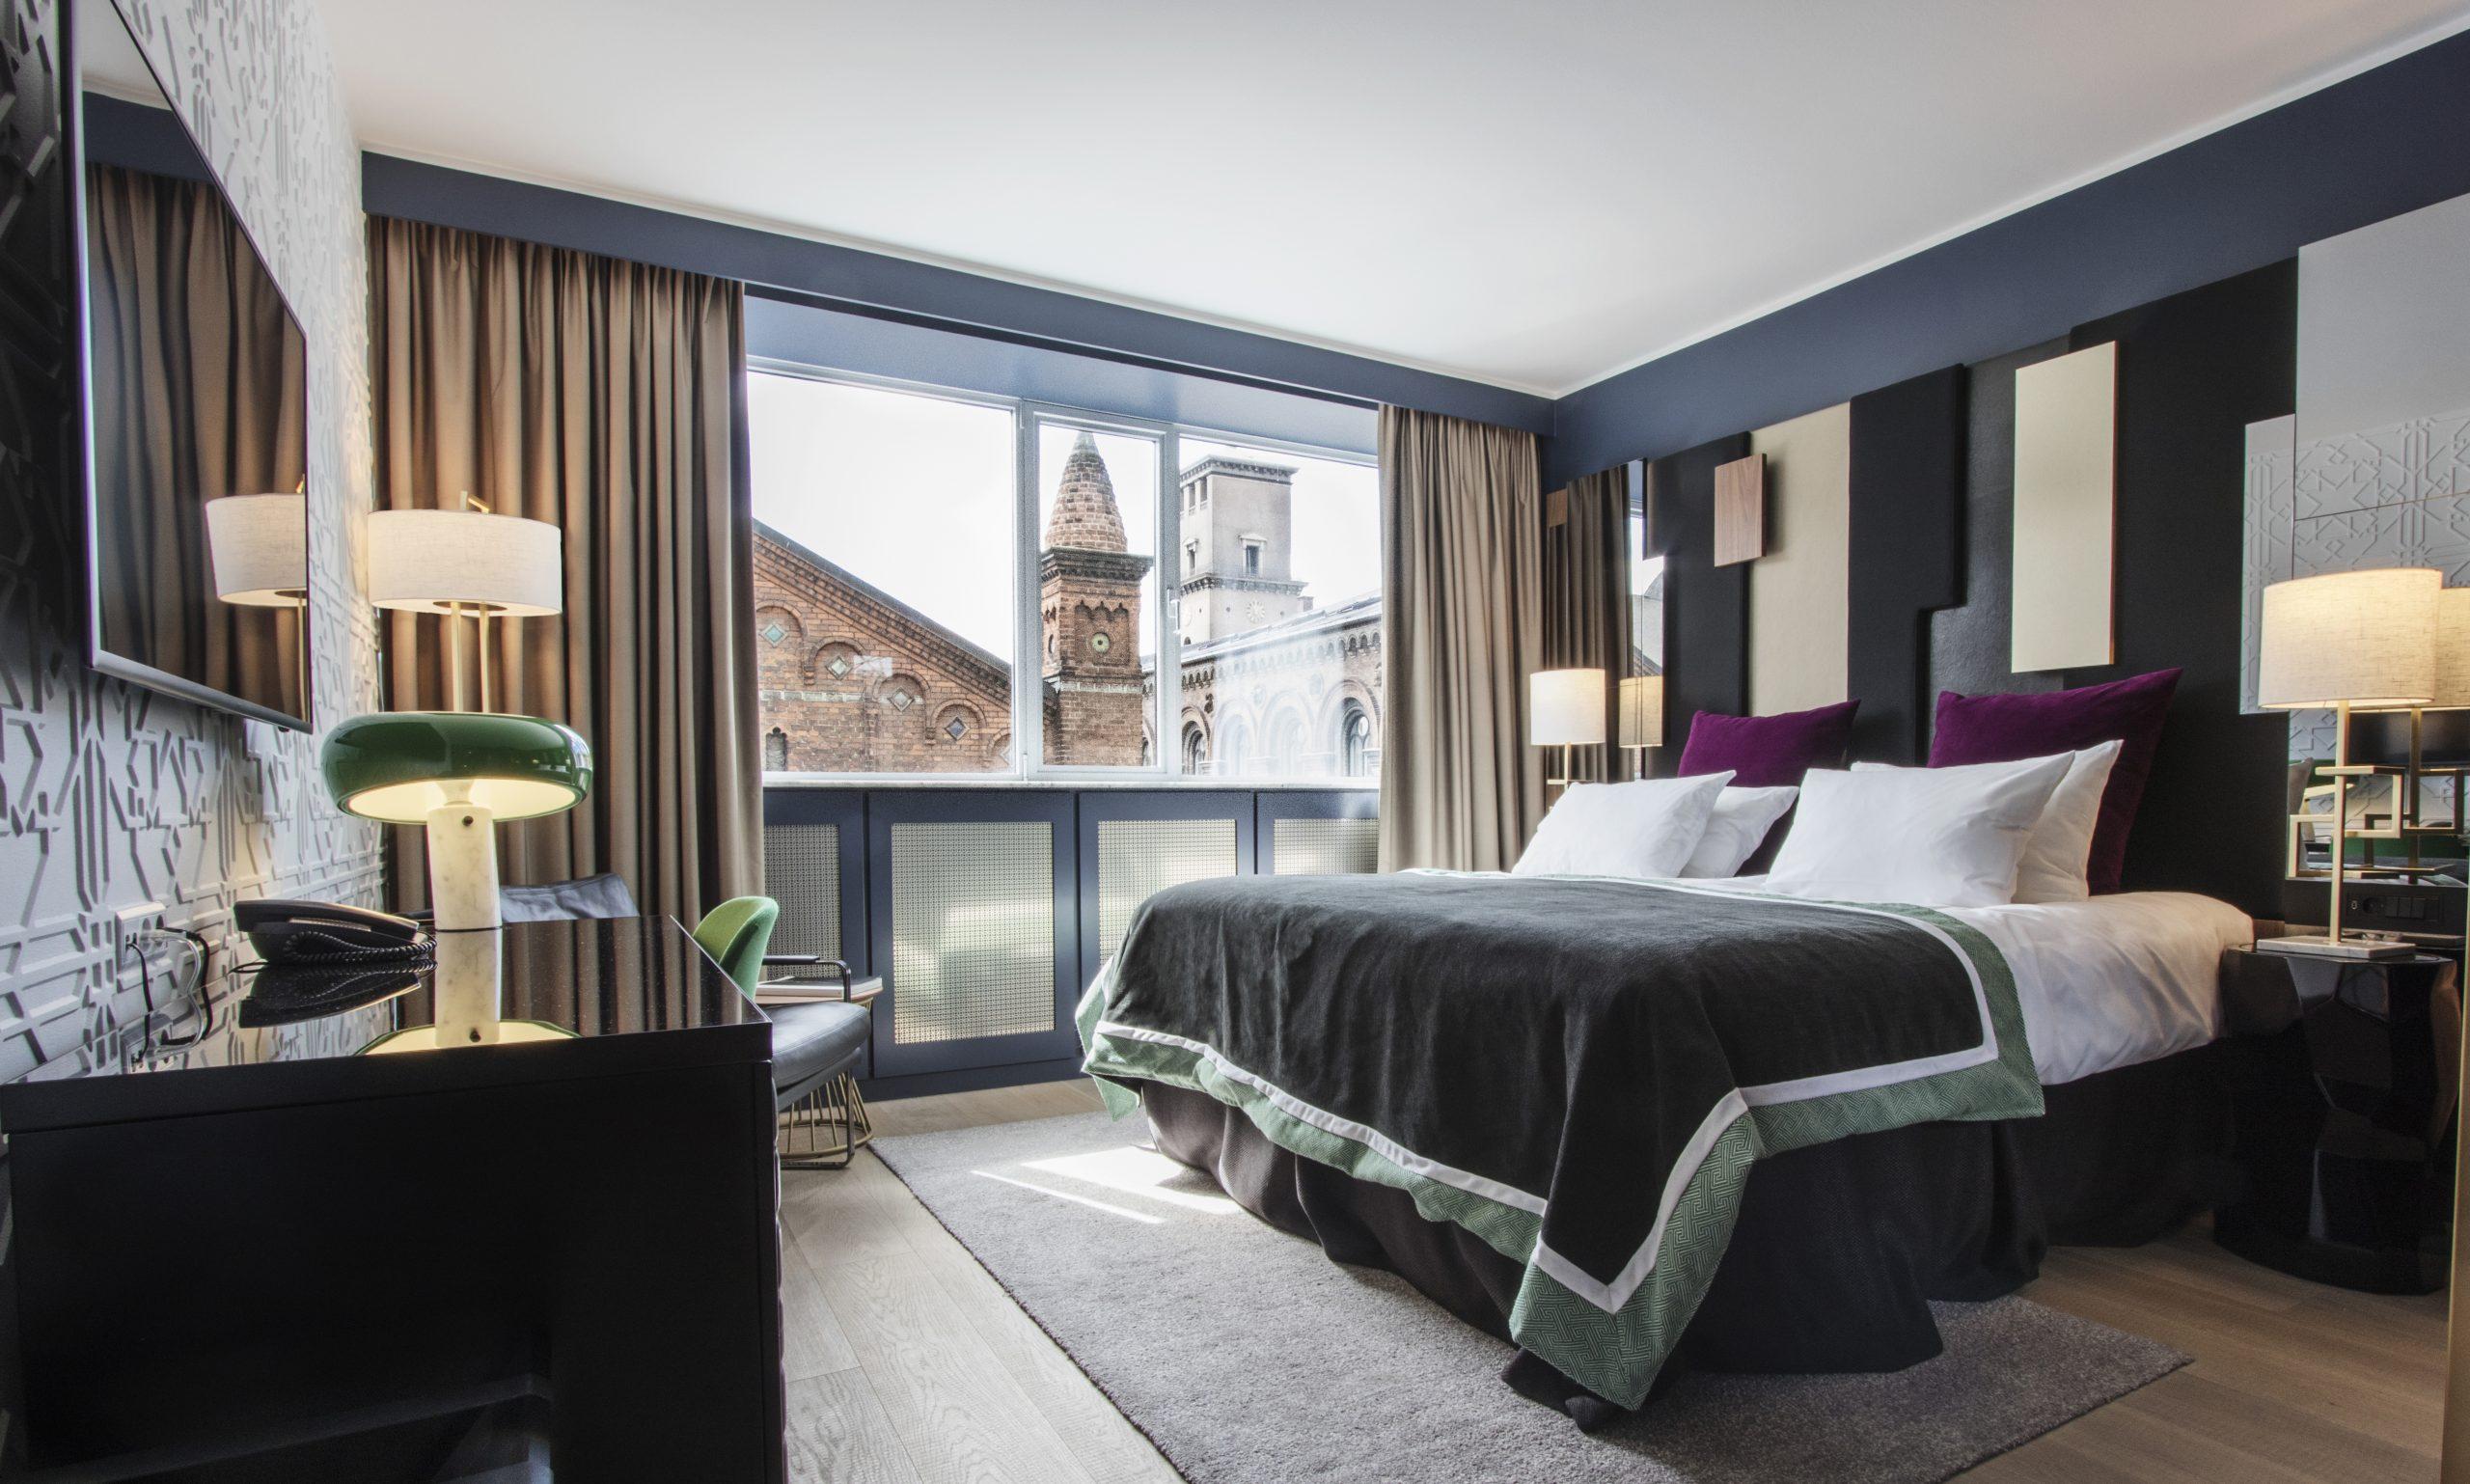 Det internationale rejsemagasin Conde Nast har rigtig mange lister over de bedste i rejsebranchen. En af dem dækker de 25 bedste nordeuropæiske hoteller, i 2020-udgaven topper københavnske Skt. Petri. Pressefoto: Skt. Petri.